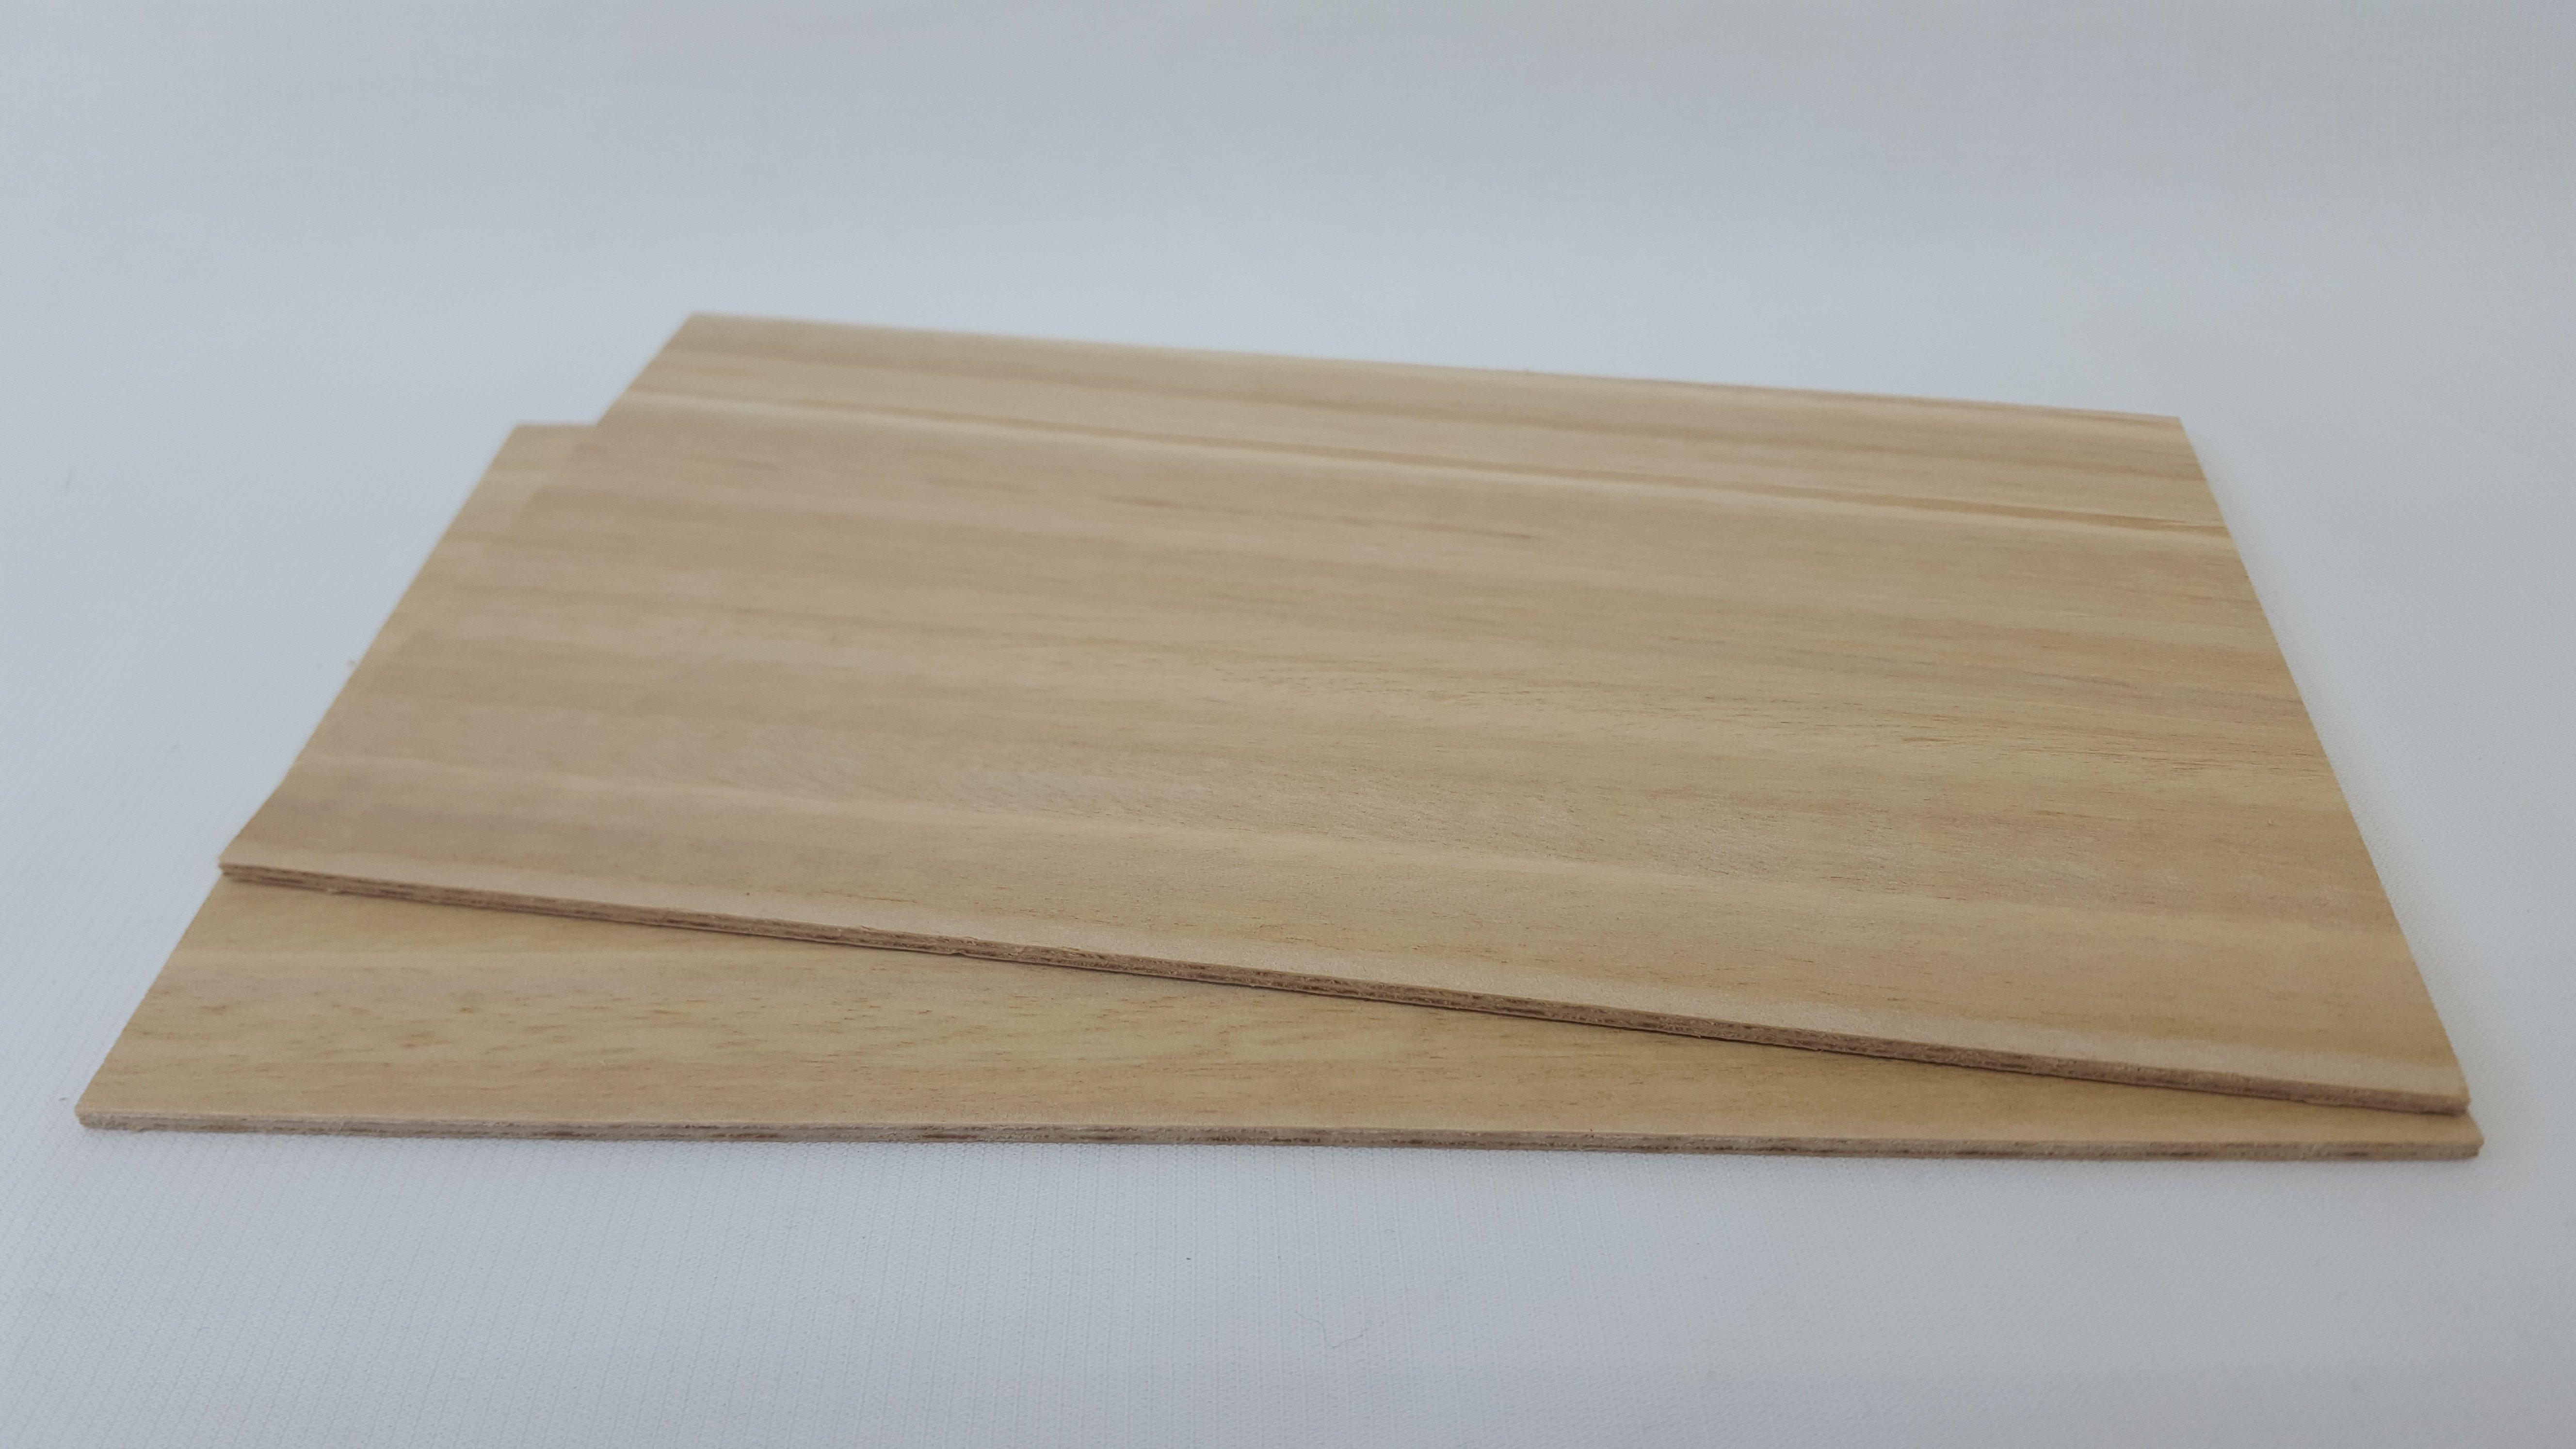 Plyco's Eucalypt Quadro Plywood